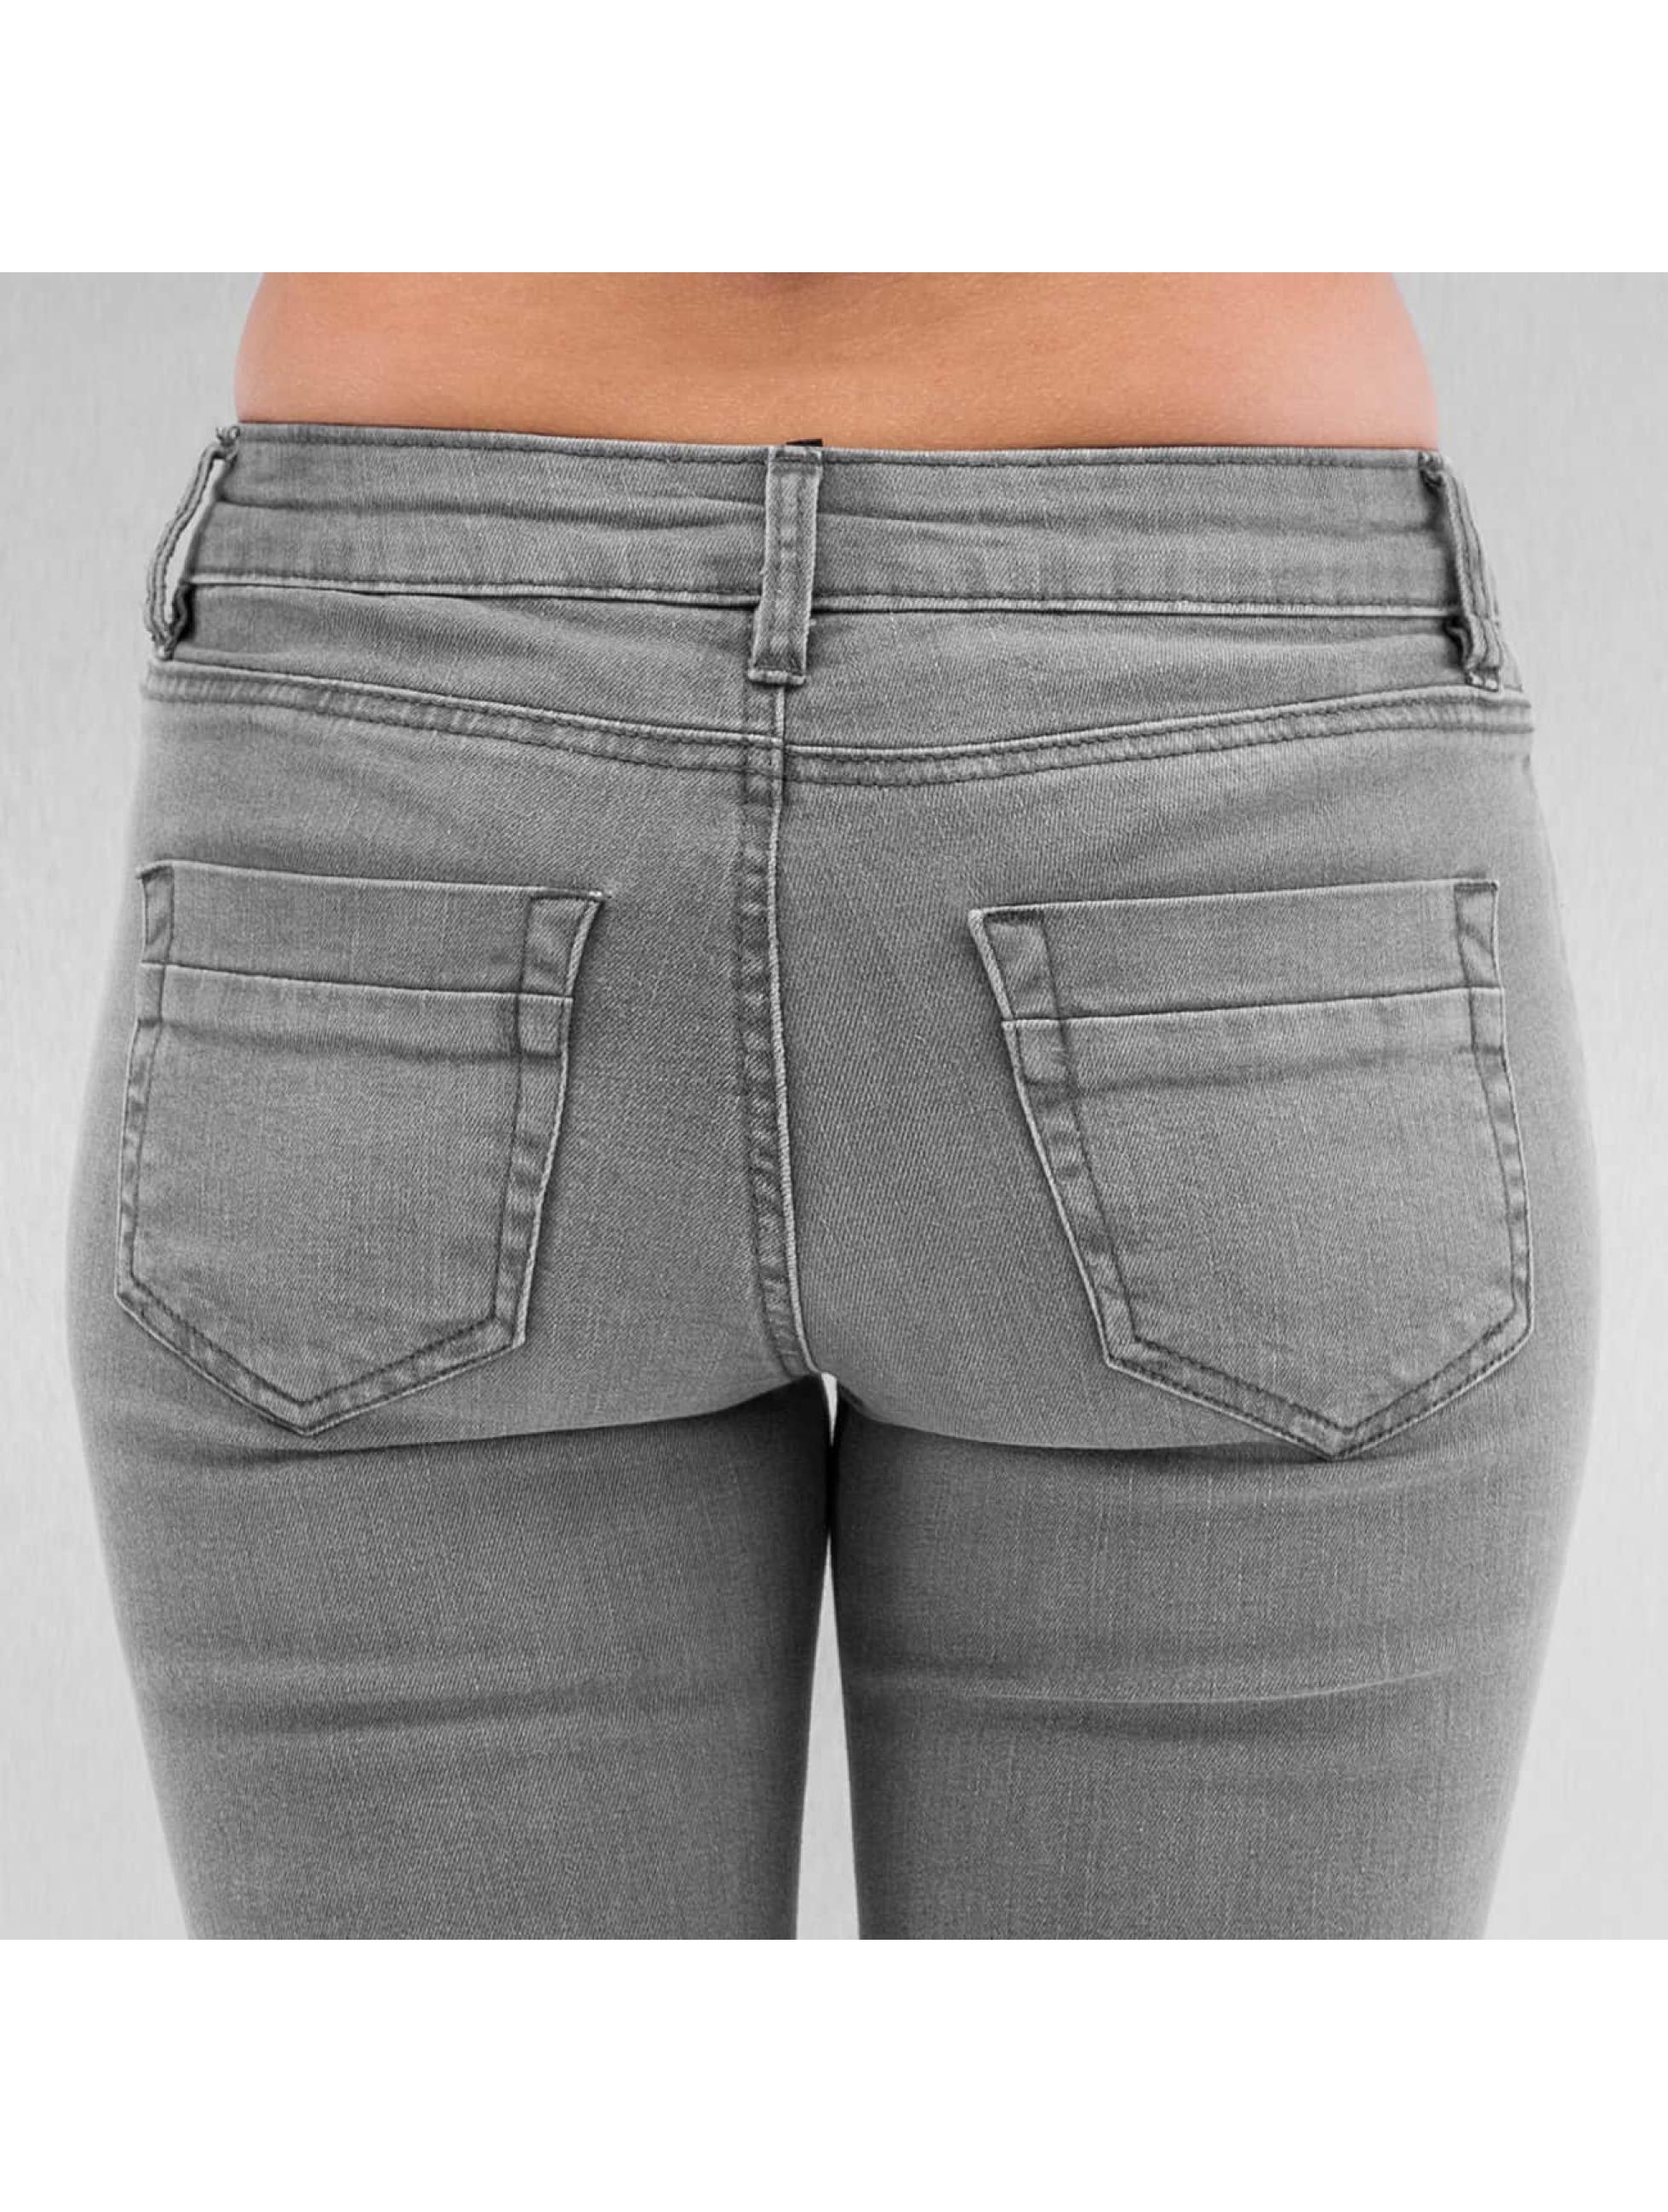 Urban Classics Skinny Jeans Ripped Denim grey